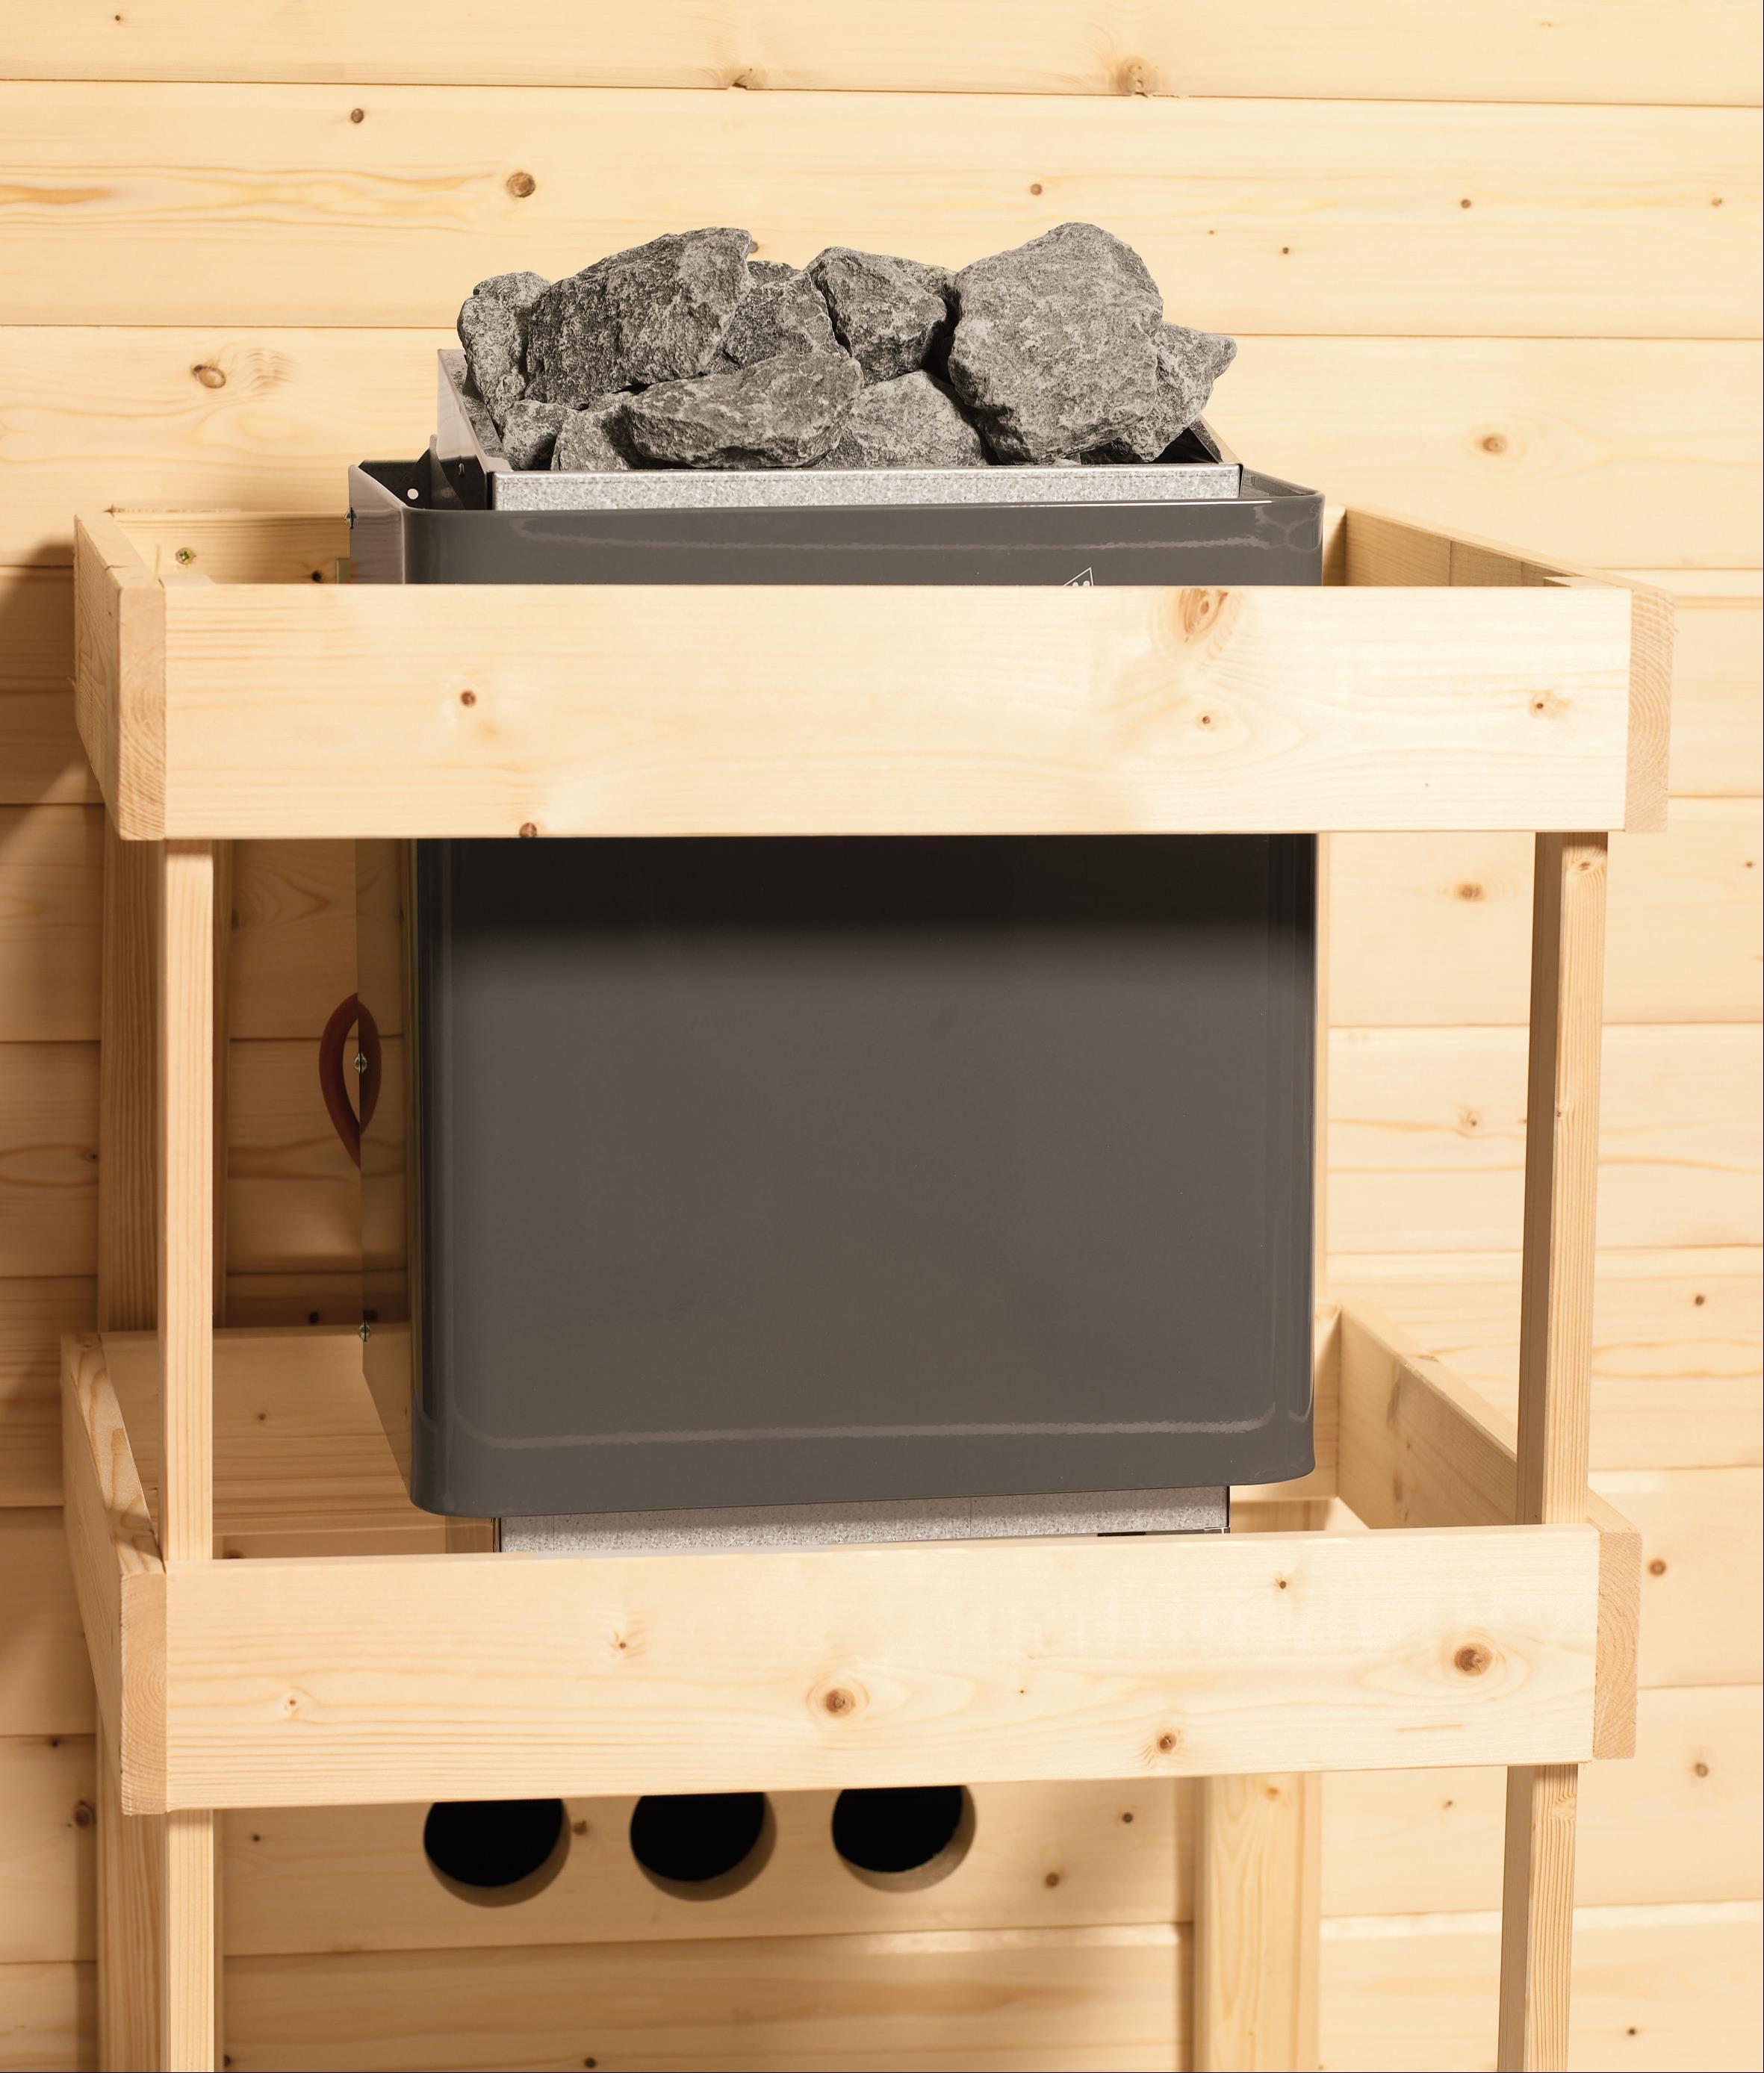 Woodfeeling Sauna Sonja 38mm mit Bio Saunaofen 9 kW extern Classic Tür Bild 9